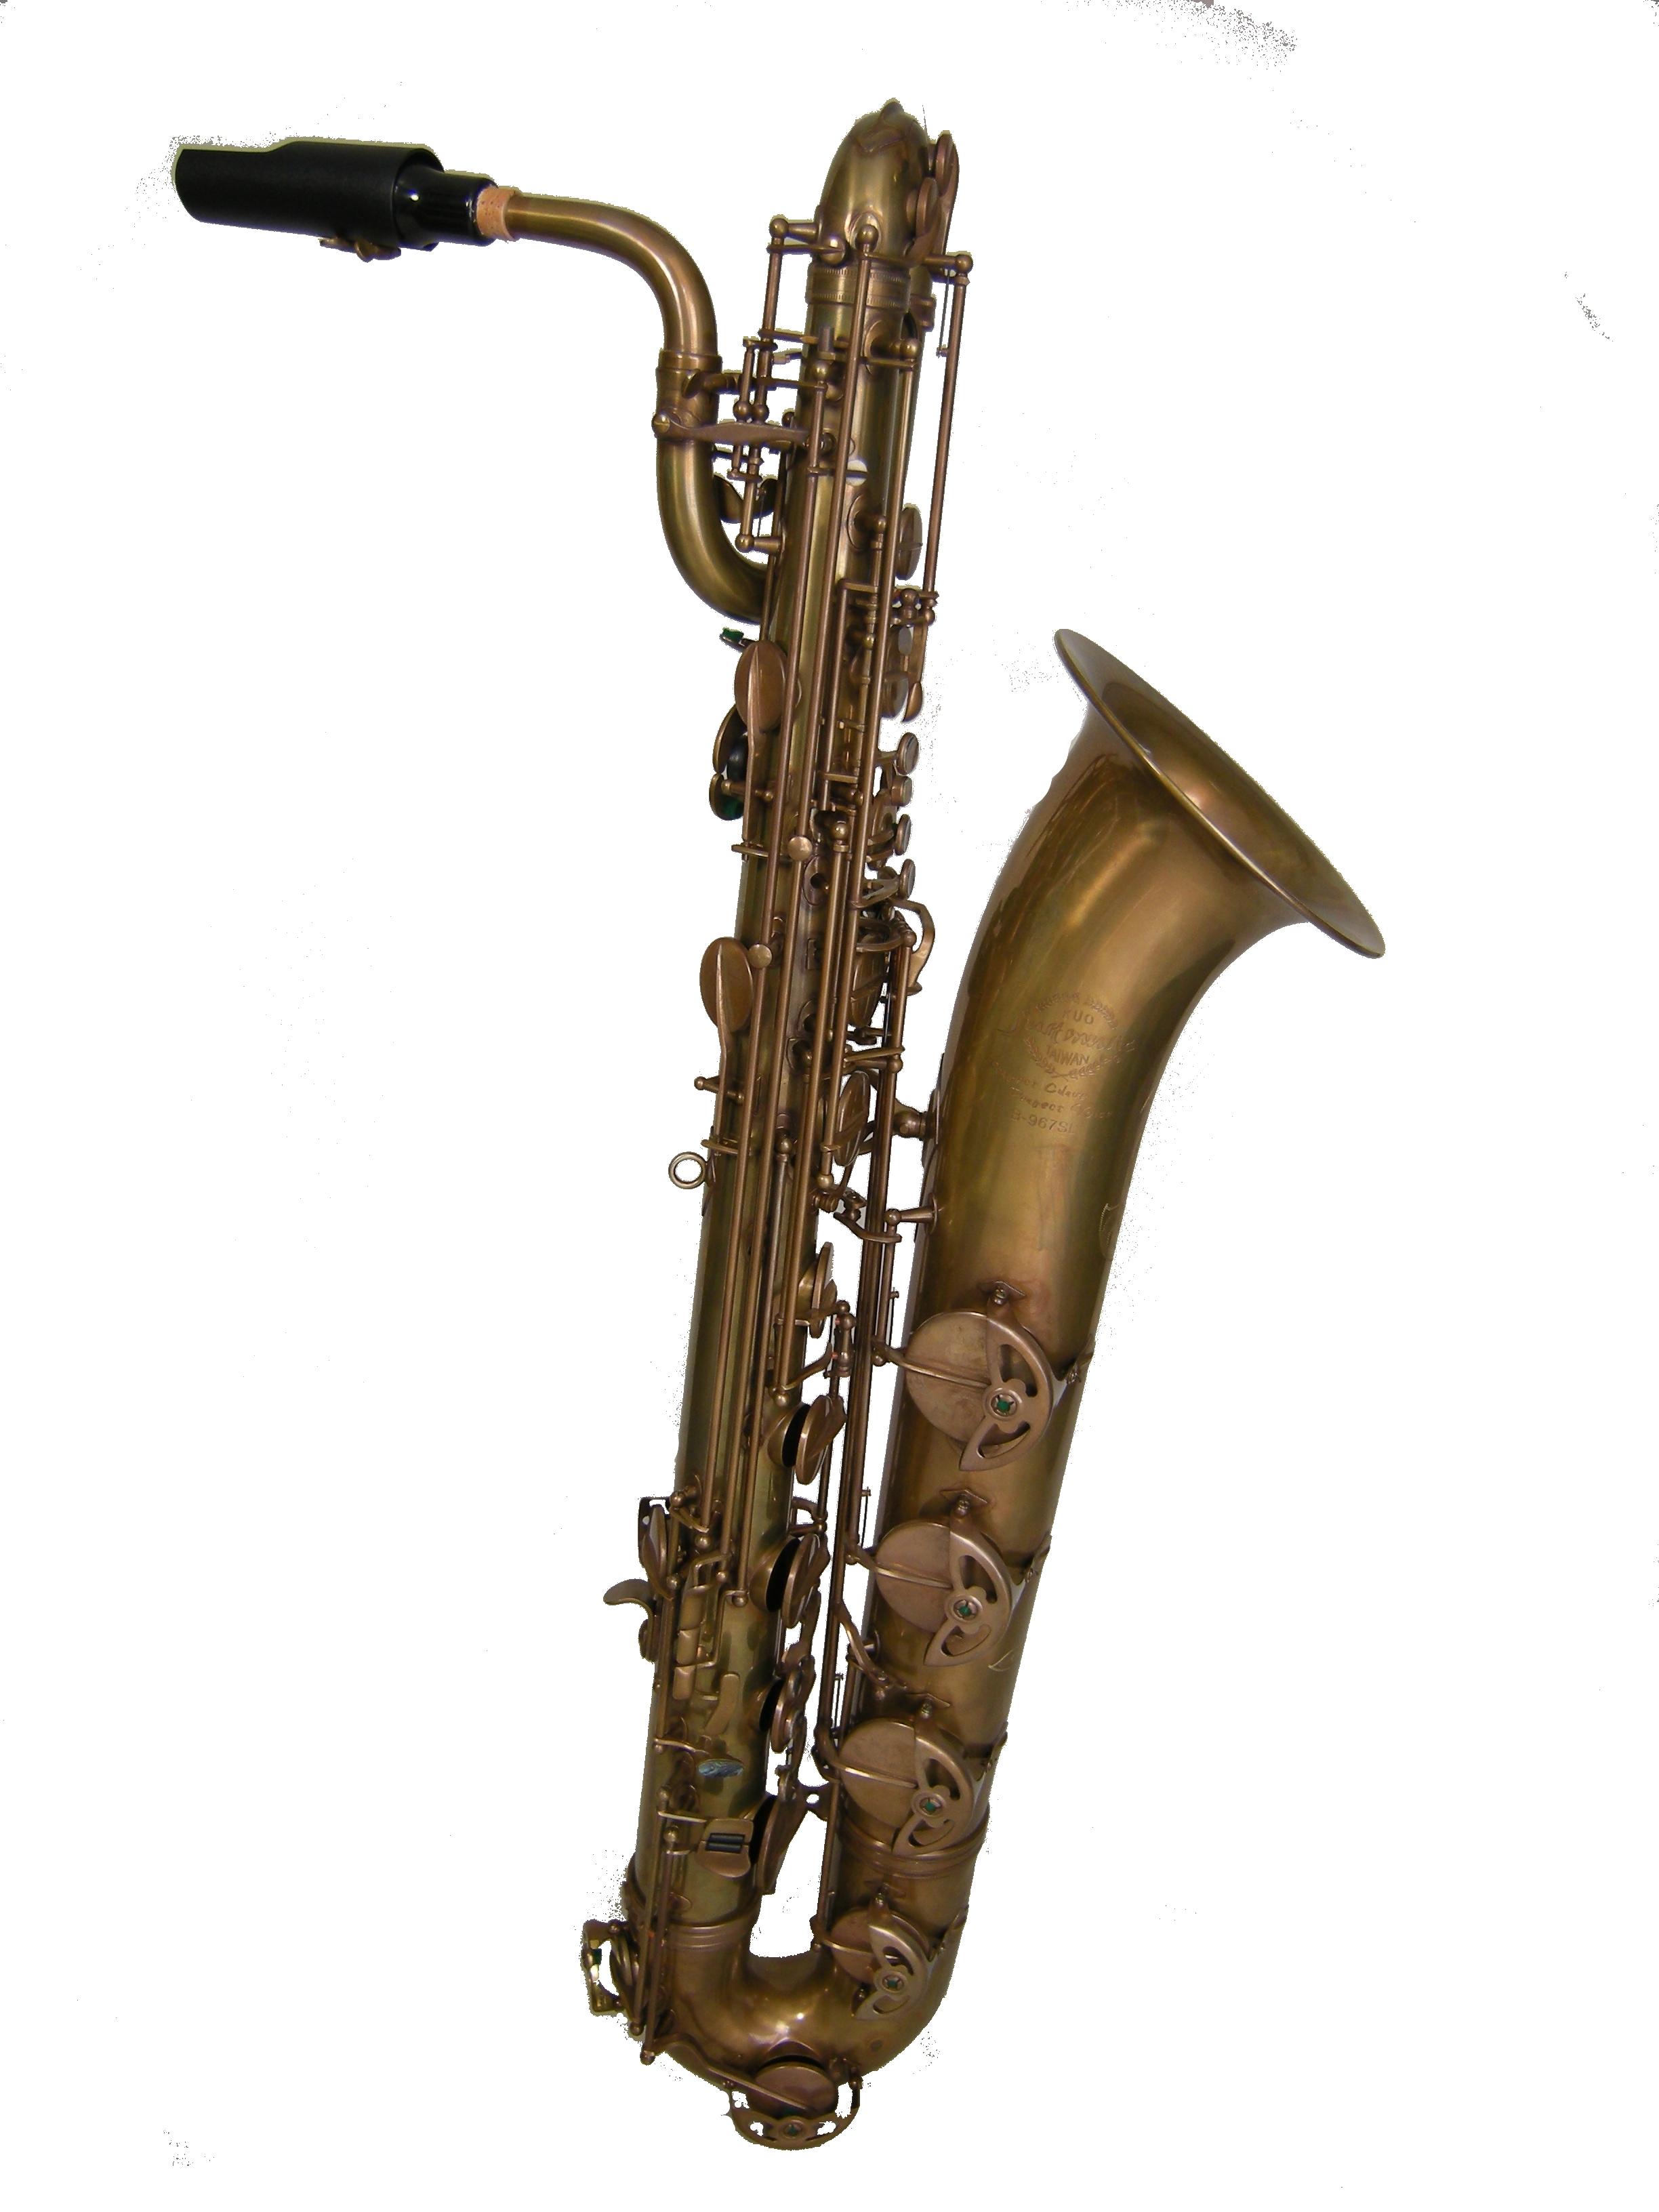 Justmusic - B - 967 - SL - Holzblasinstrumente - Saxophone | MUSIK BERTRAM Deutschland Freiburg